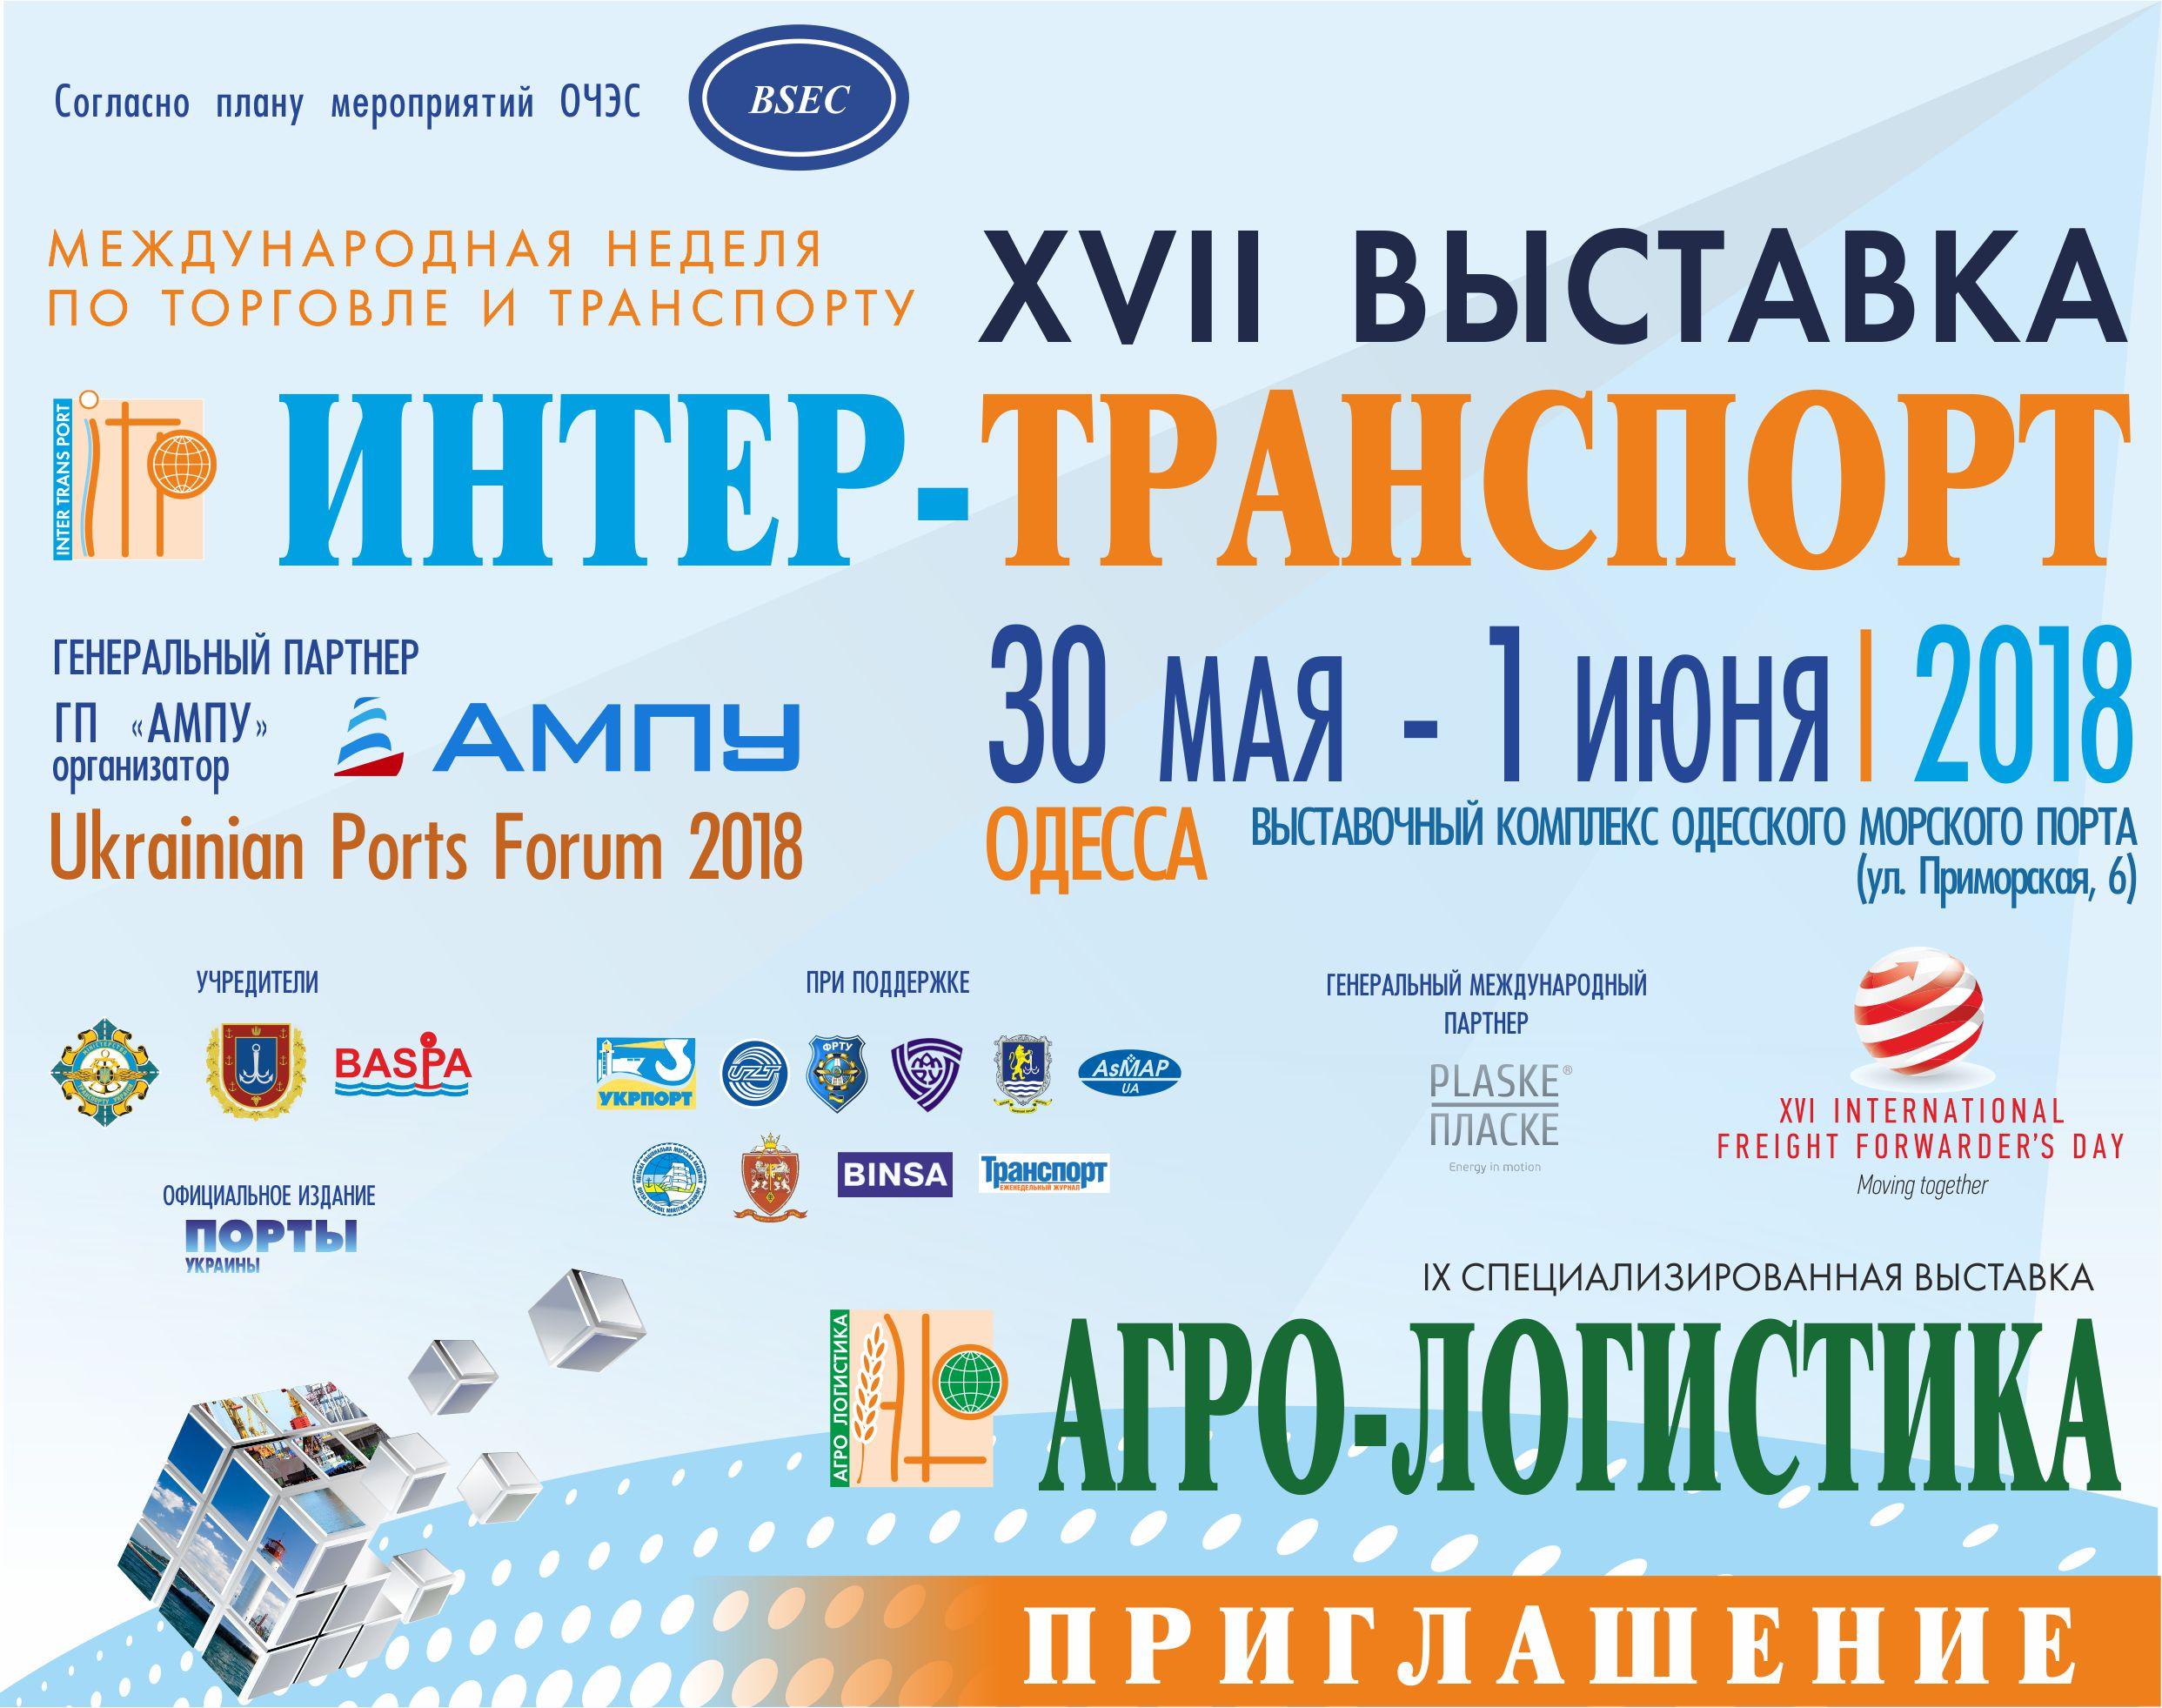 Программа Транспортной Недели, 30 мая -1 июня 2018 года, Одесса